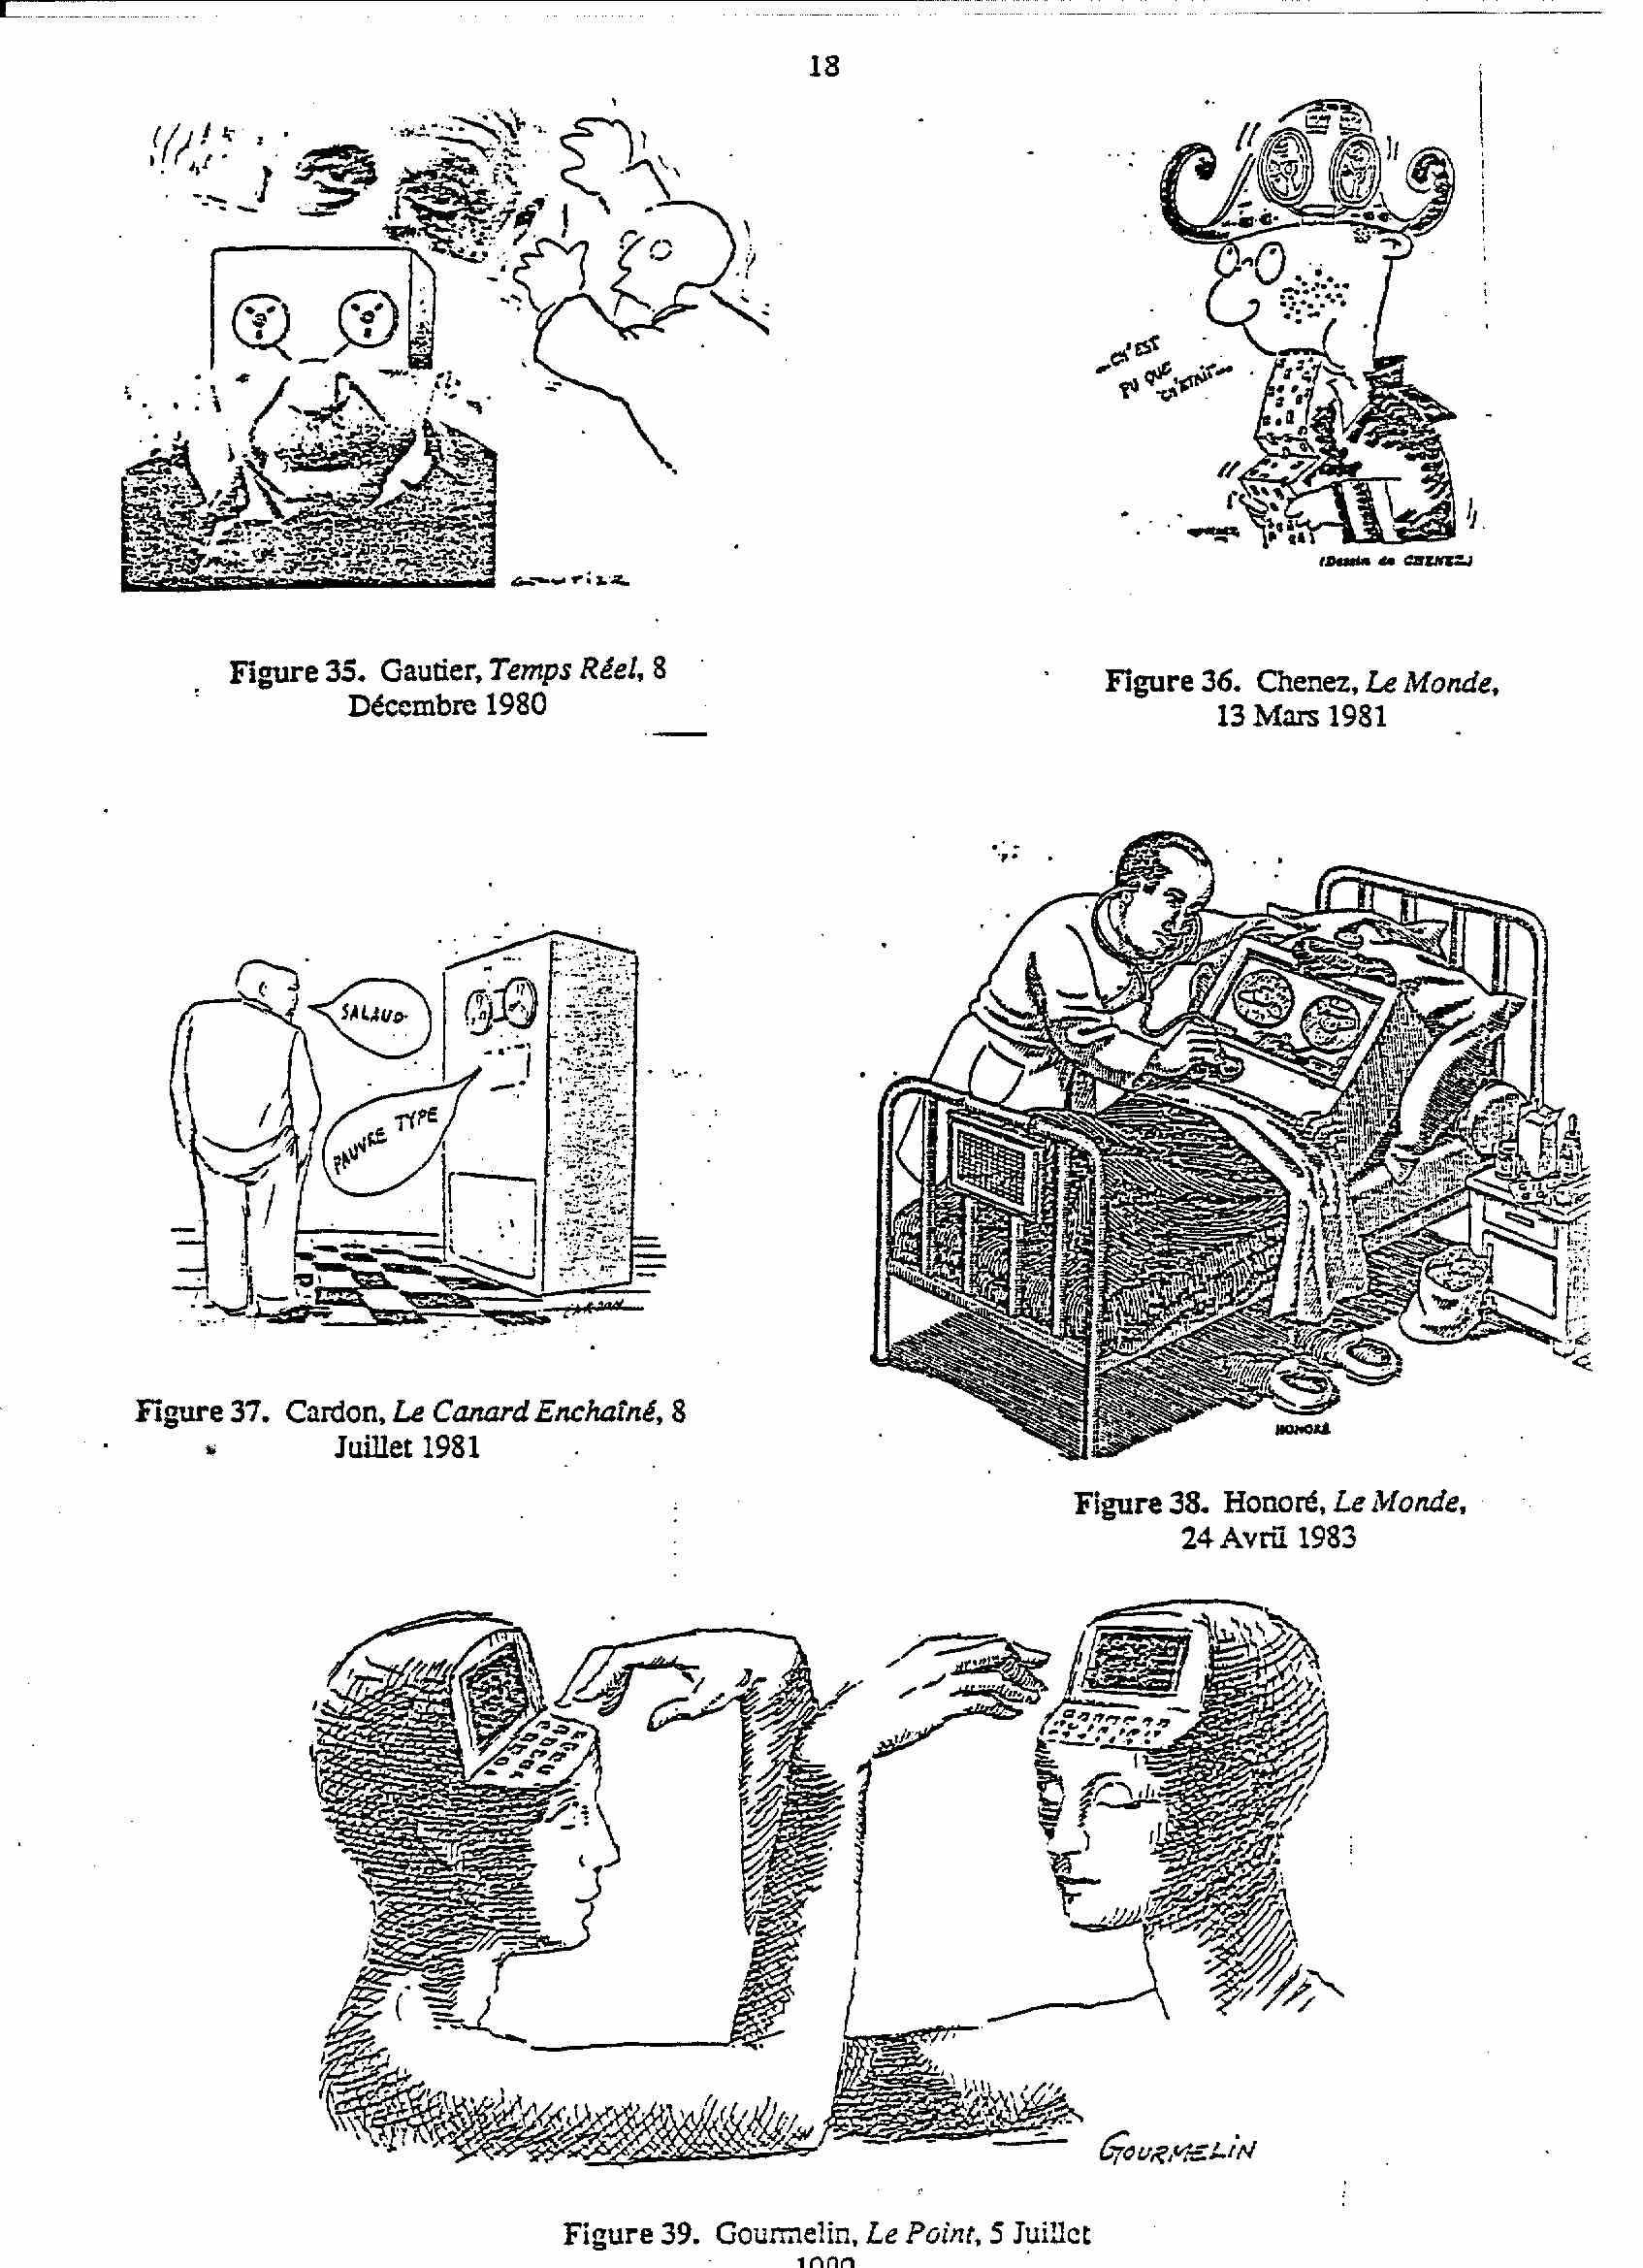 le mythe des ordinateurs et dessins humoristiques